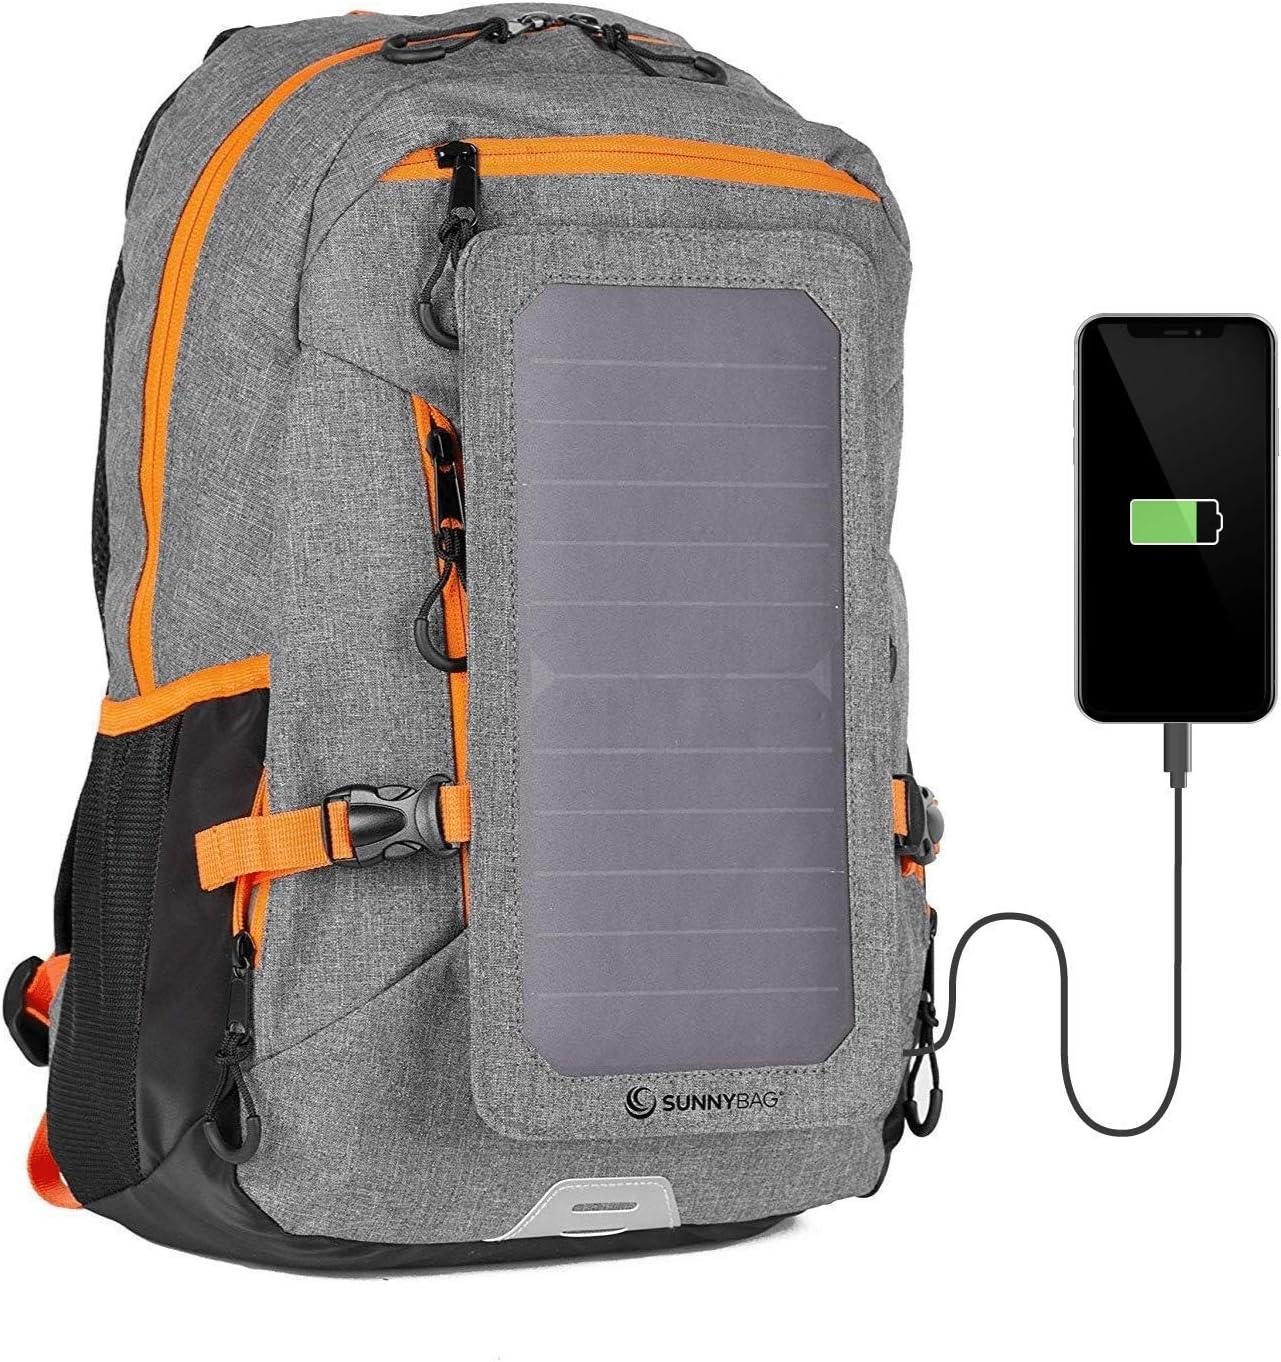 SunnyBAG Mochila con Panel Solar de 6W para Cargar el teléfono móvil